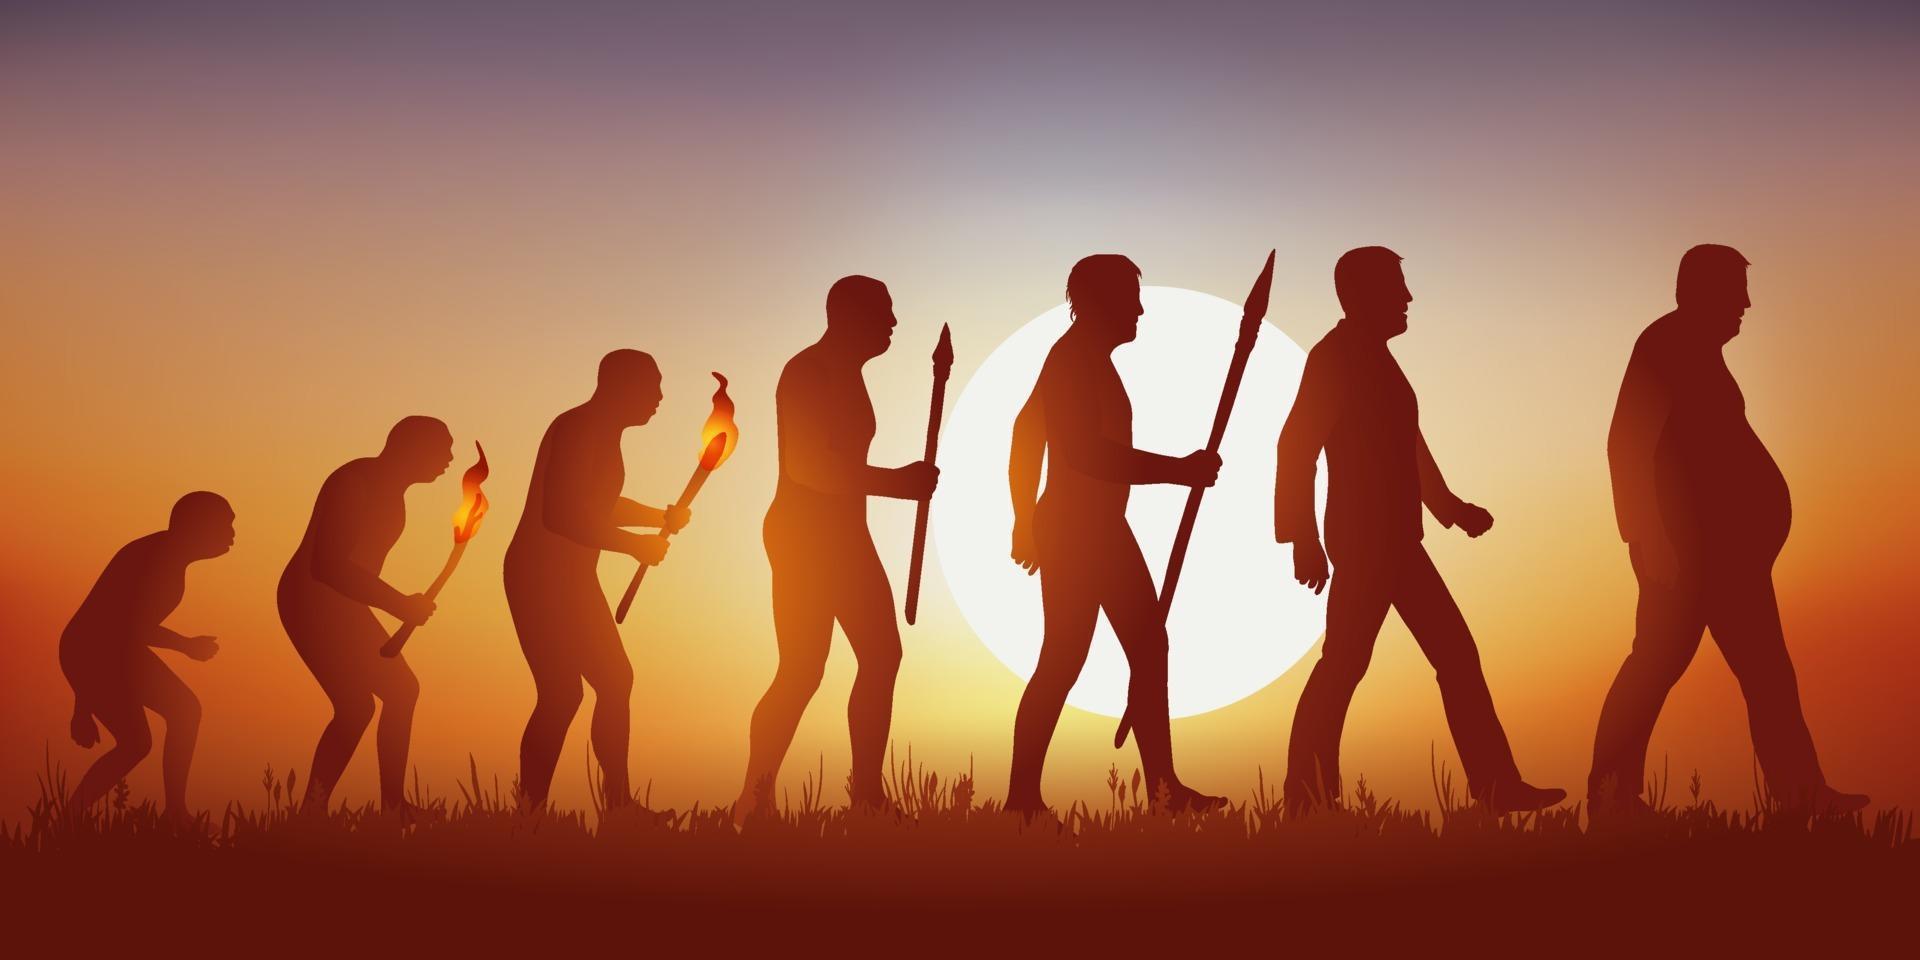 mänsklighetens utveckling resulterar i en överviktig man. vektor